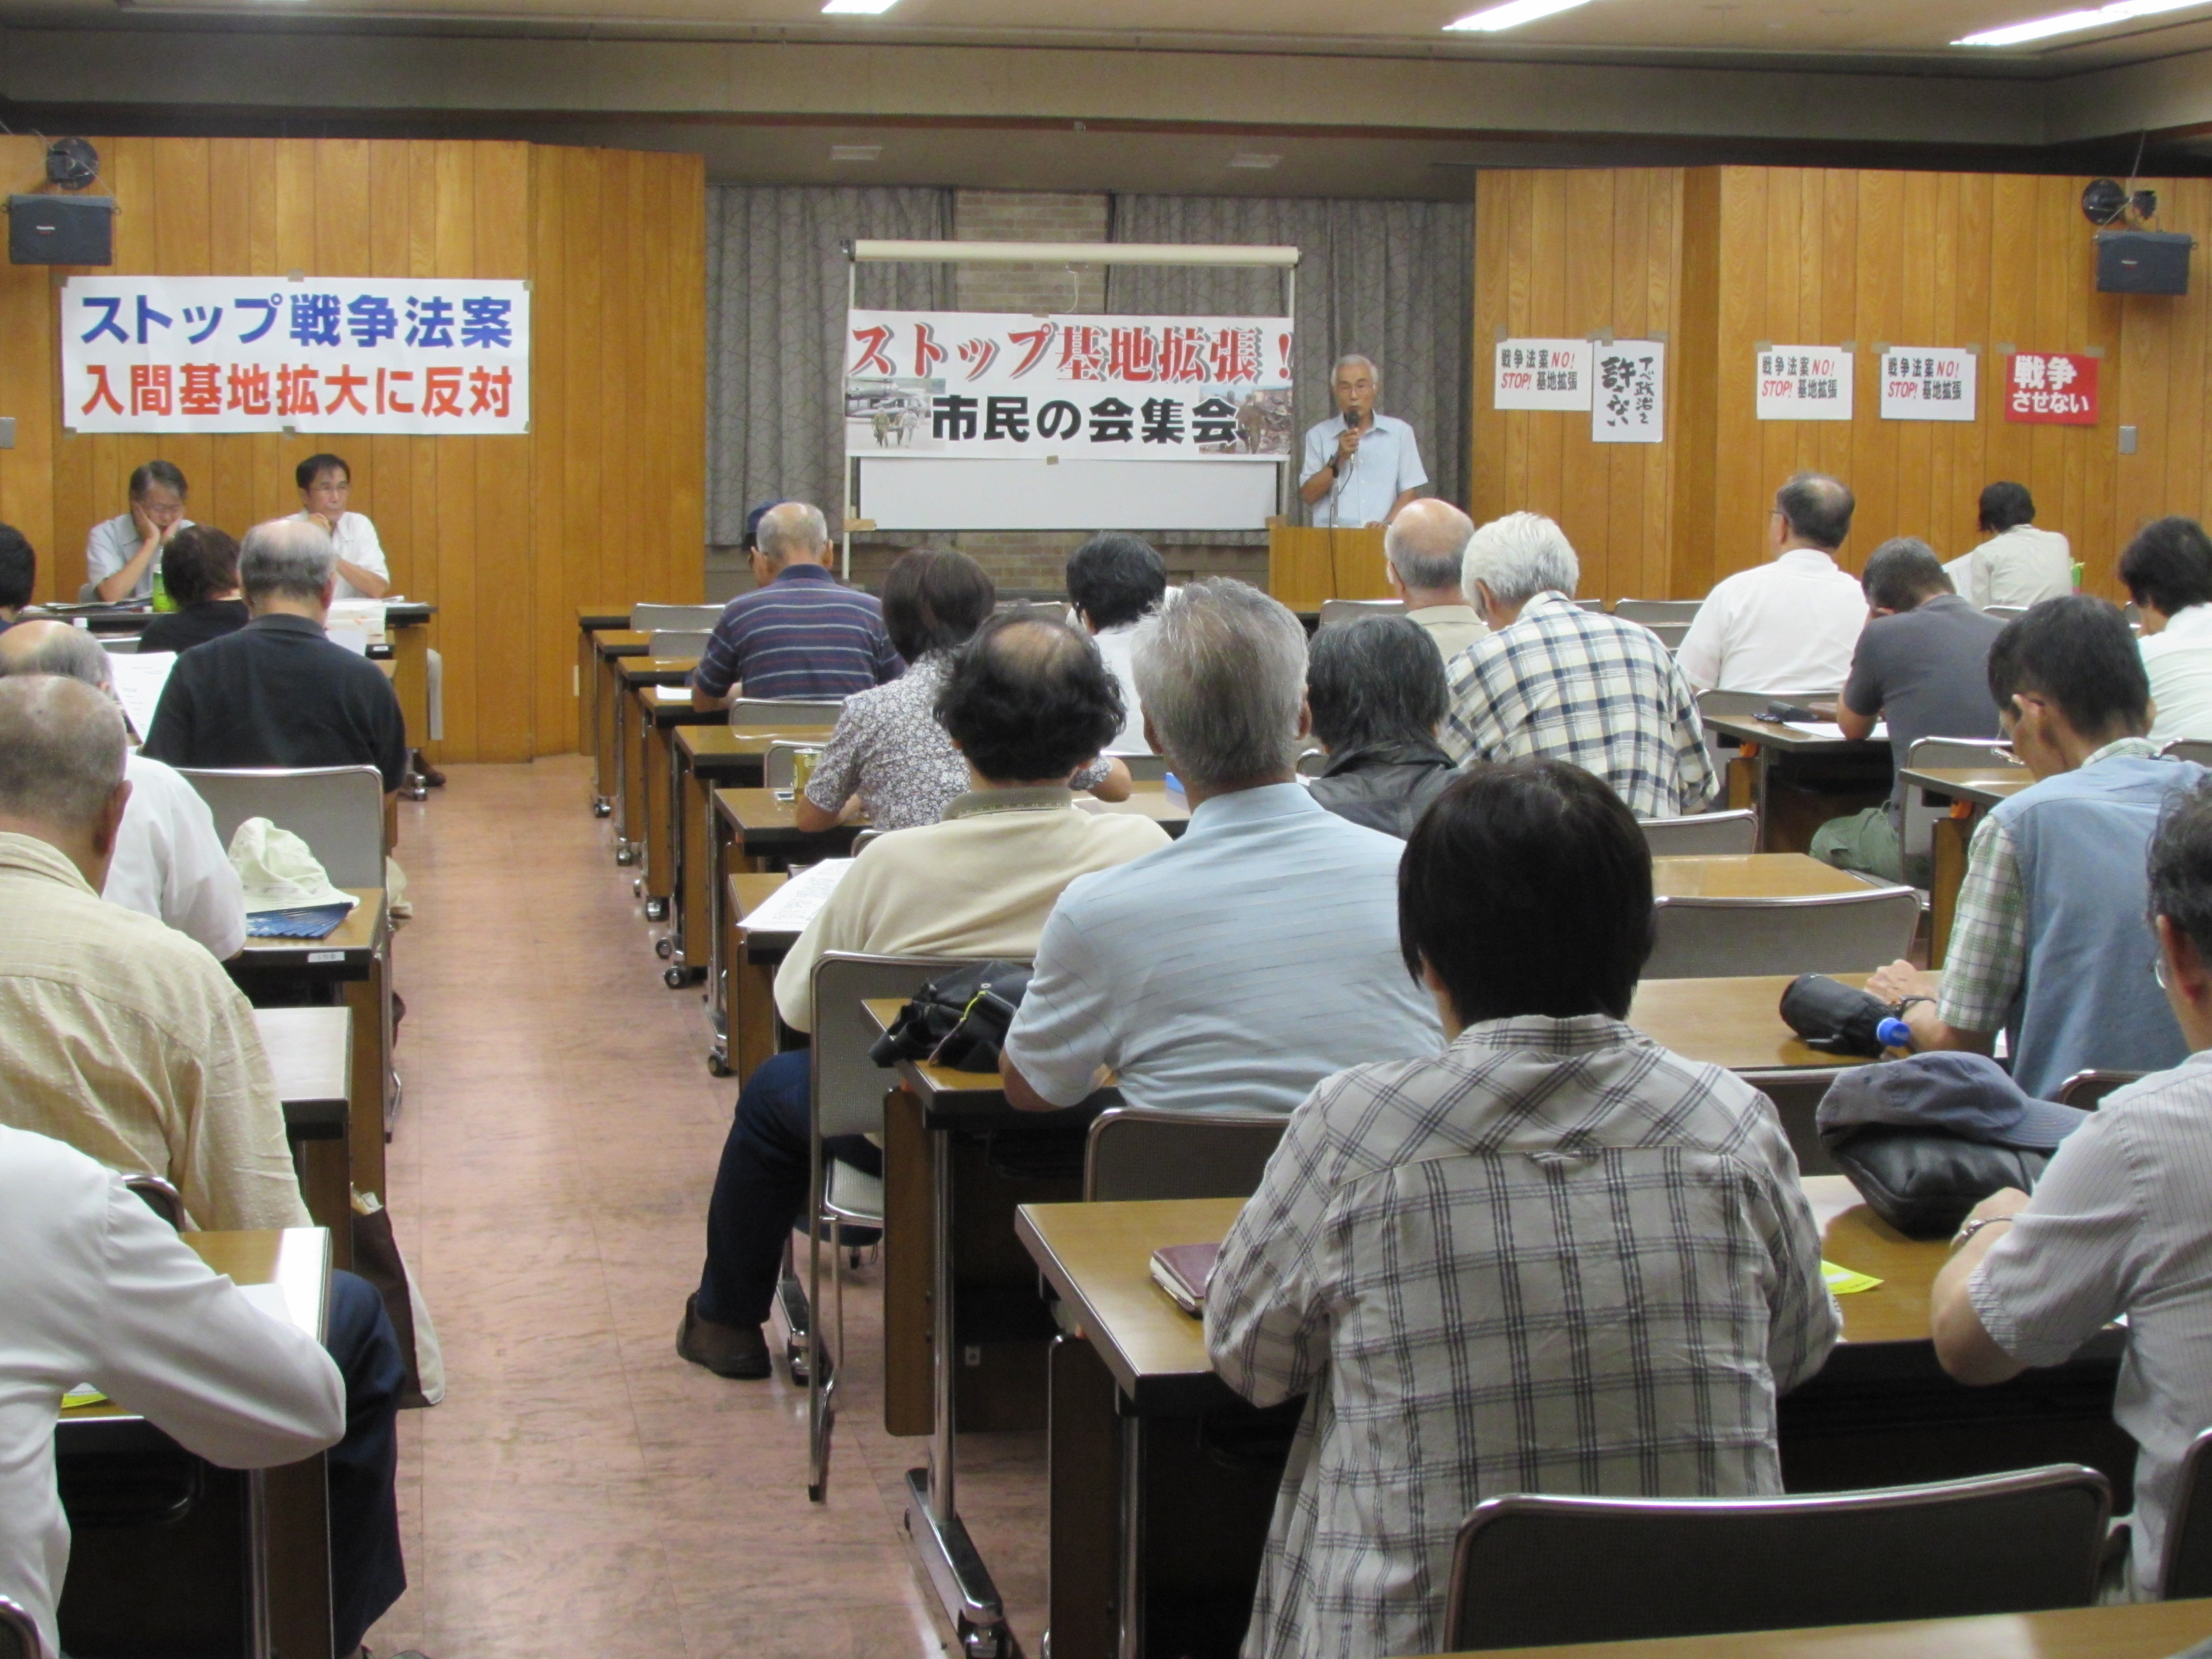 「ストップ基地拡張!市民の会」集会 は80人の参加者でいっぱいに